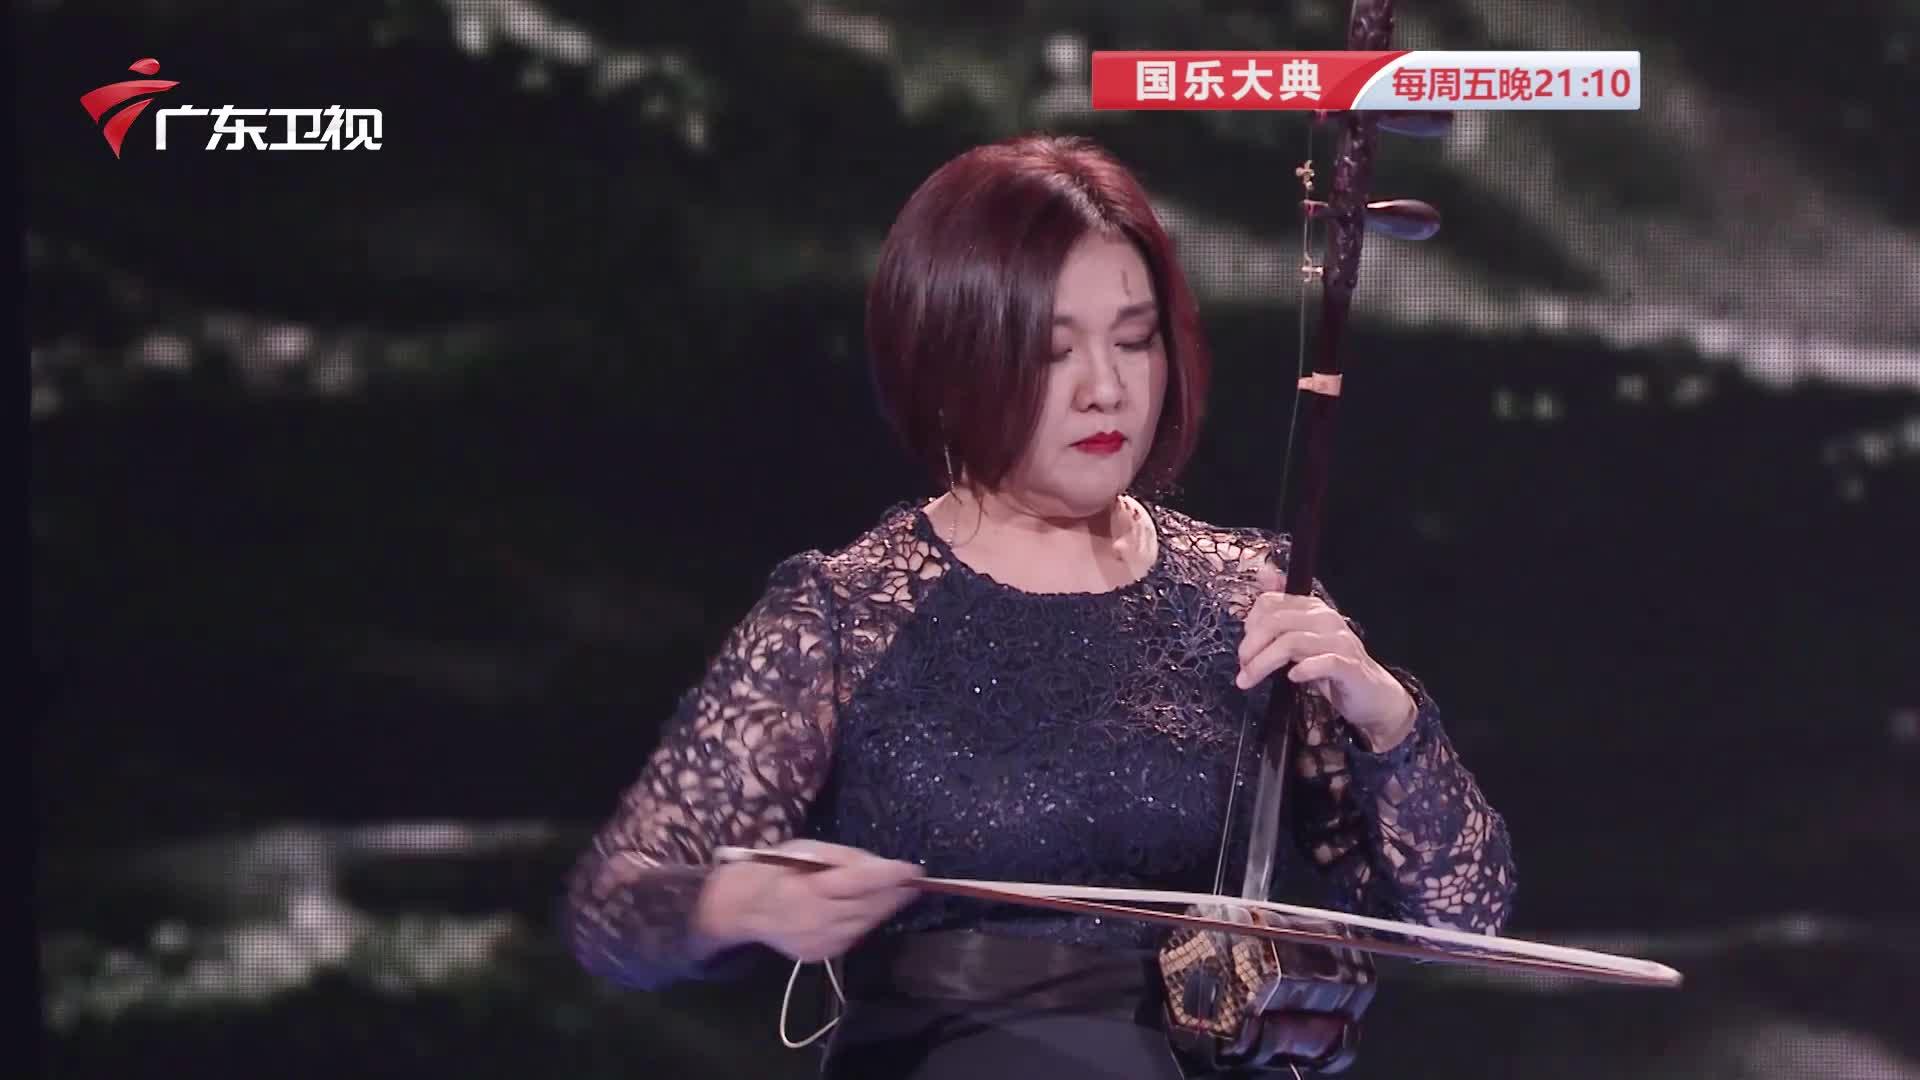 《國樂大典2》第五期預告:龔琳娜登場,唐俊喬聊起往事淚崩